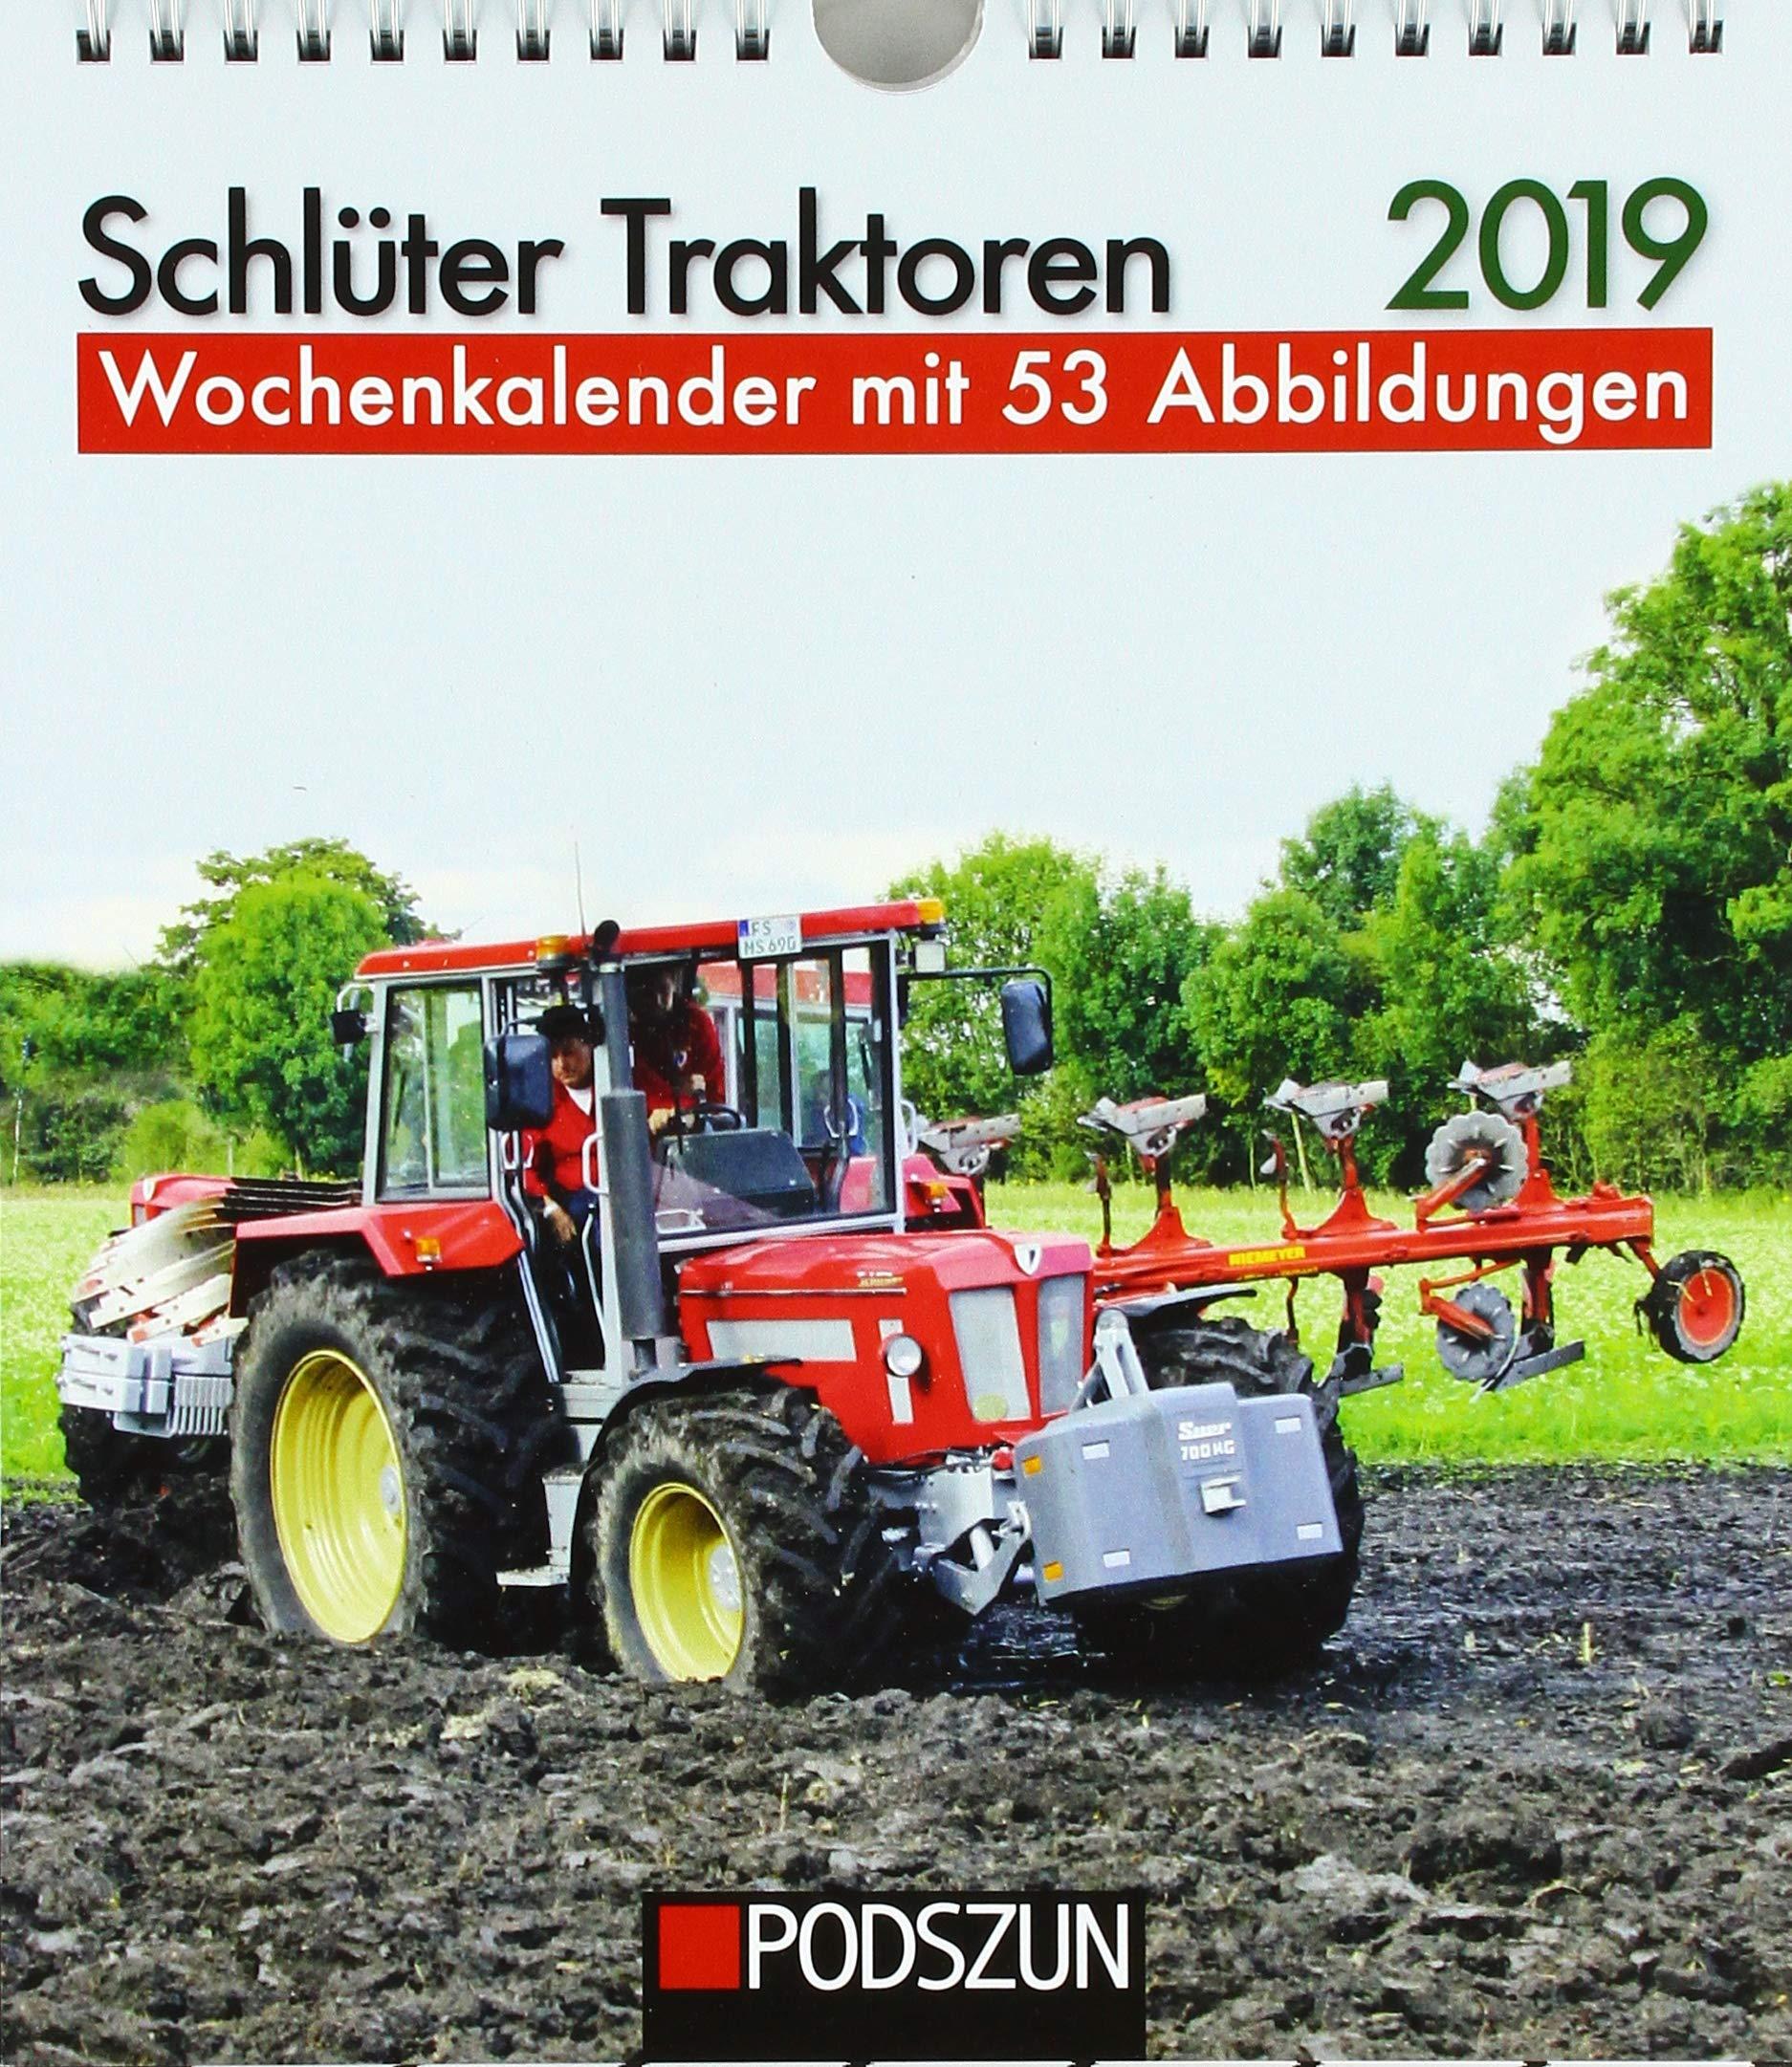 Schlüter Traktoren 2019  Wochenkalender Mit 53 Fotografien